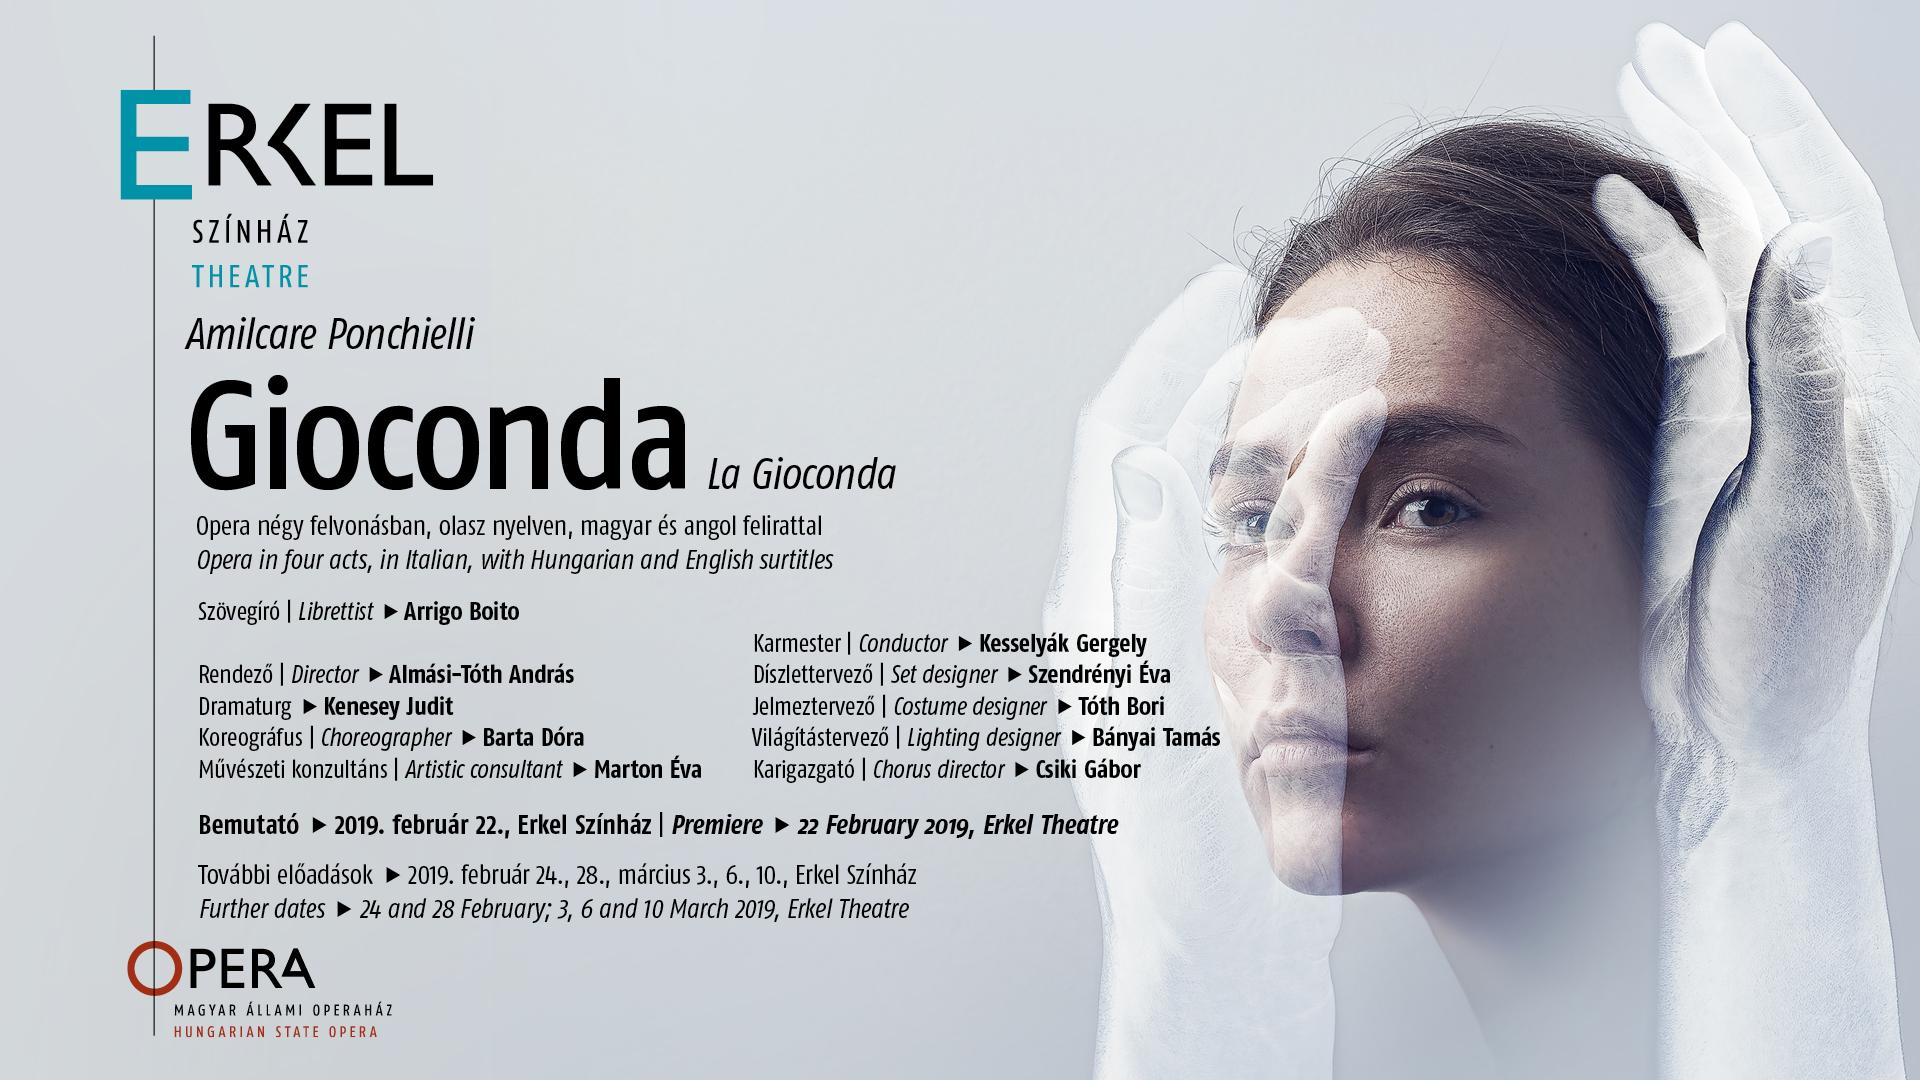 Vízzel elárasztott színpadon tér vissza a Gioconda az Opera műsorára